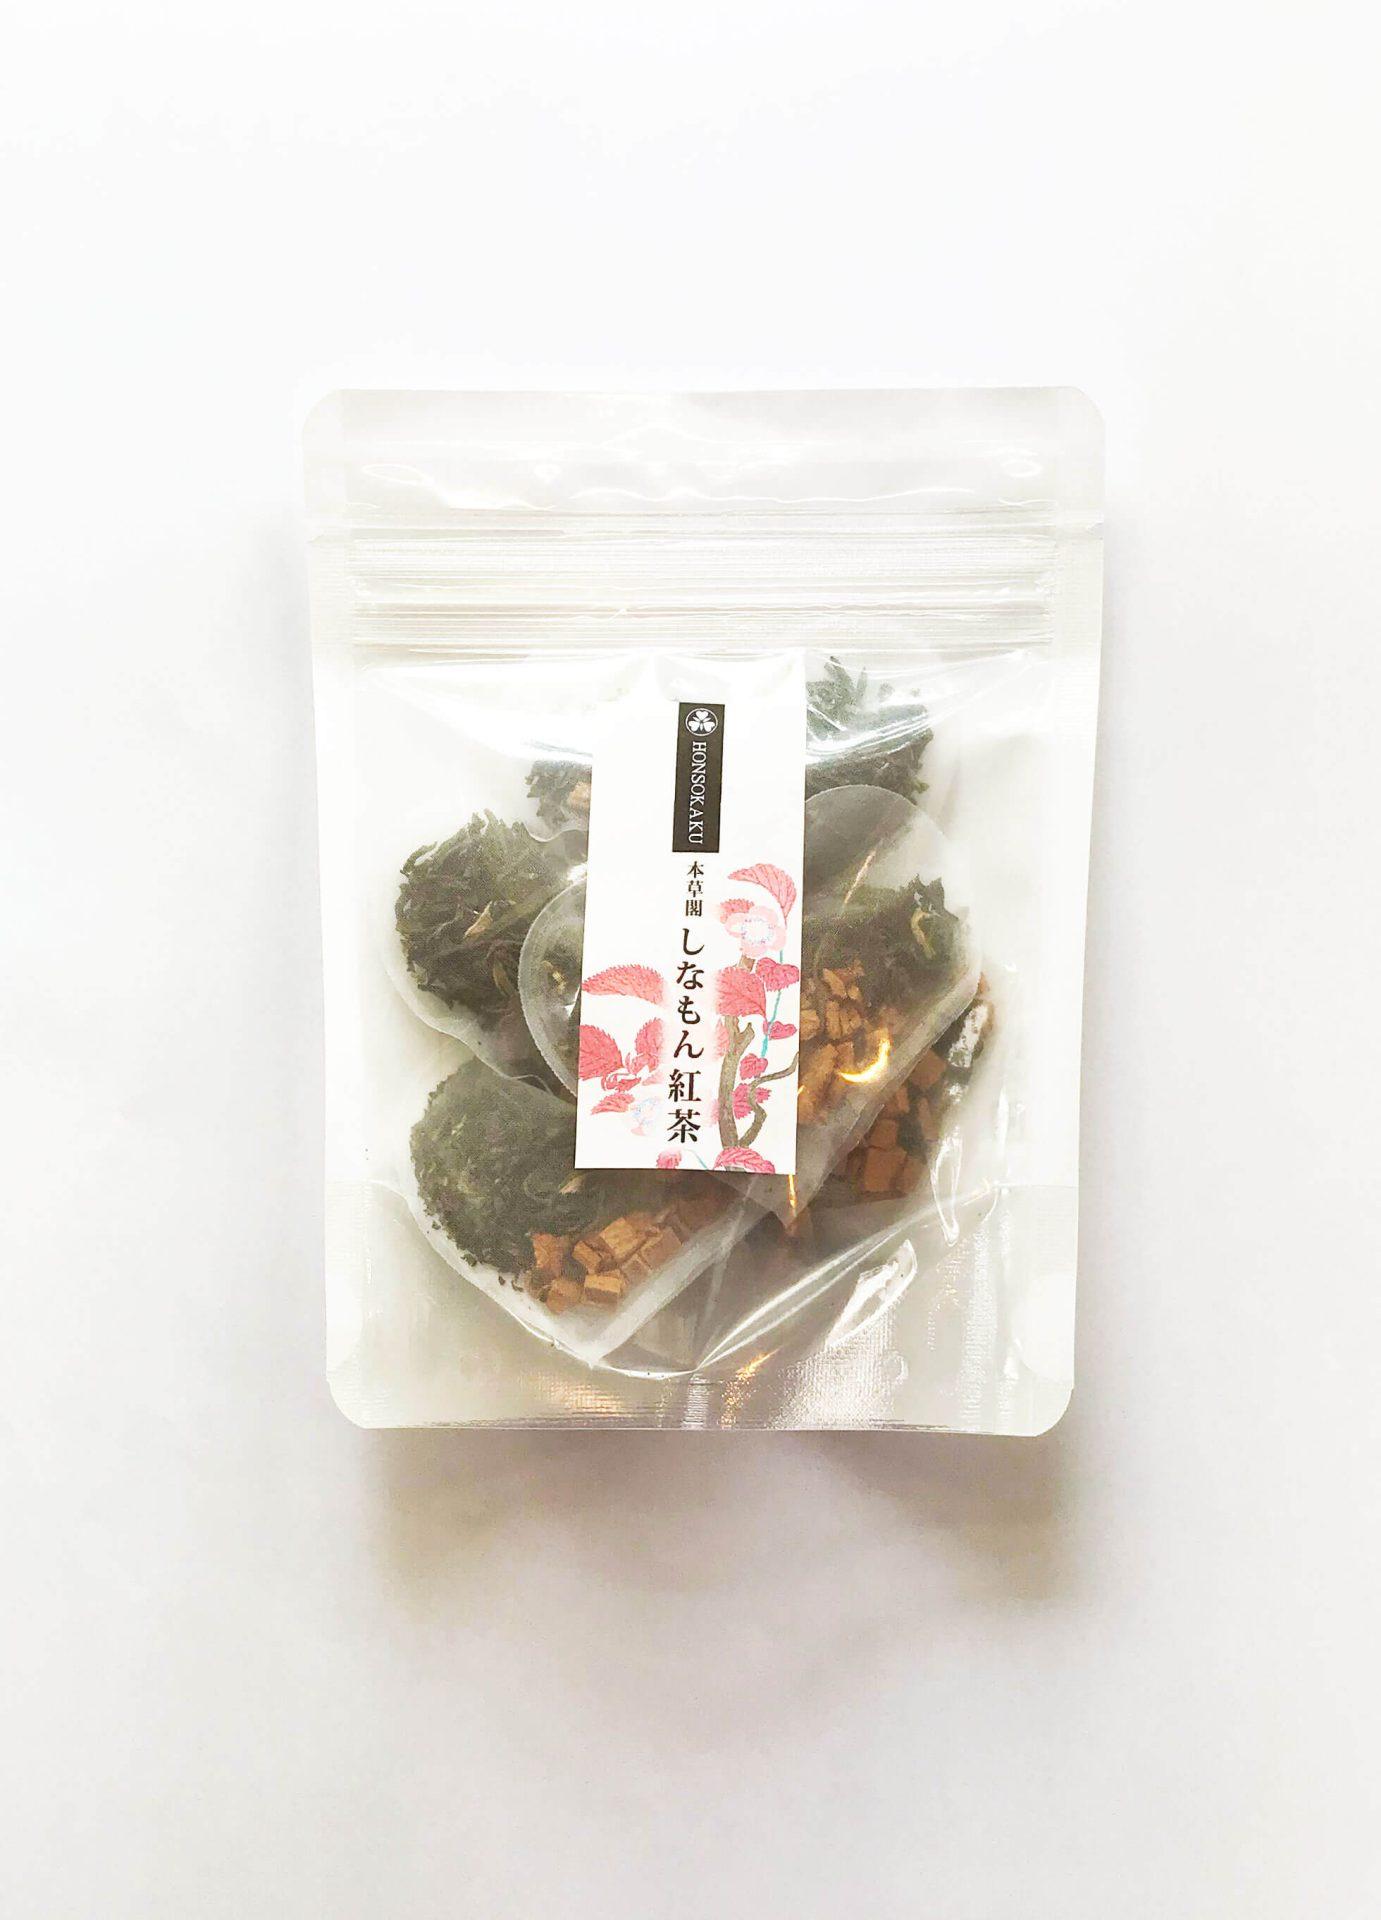 本草閣しなもん紅茶(3個以上ご購入の方)樹齢千年を超える古木の茶葉と30年シナモンの香り